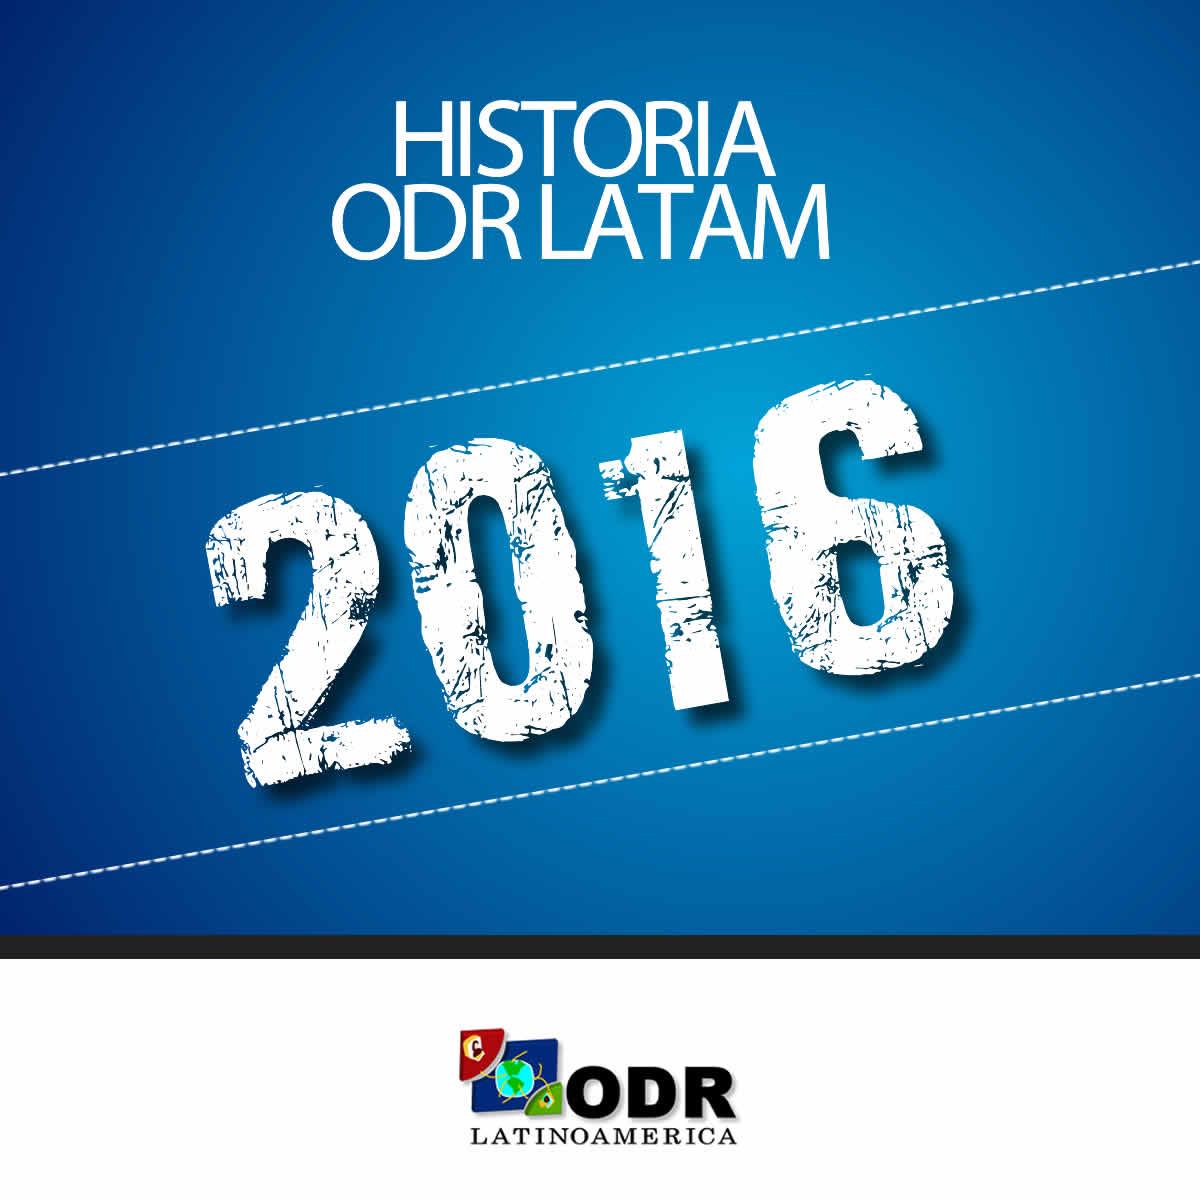 Historia ODR LATAM 2016